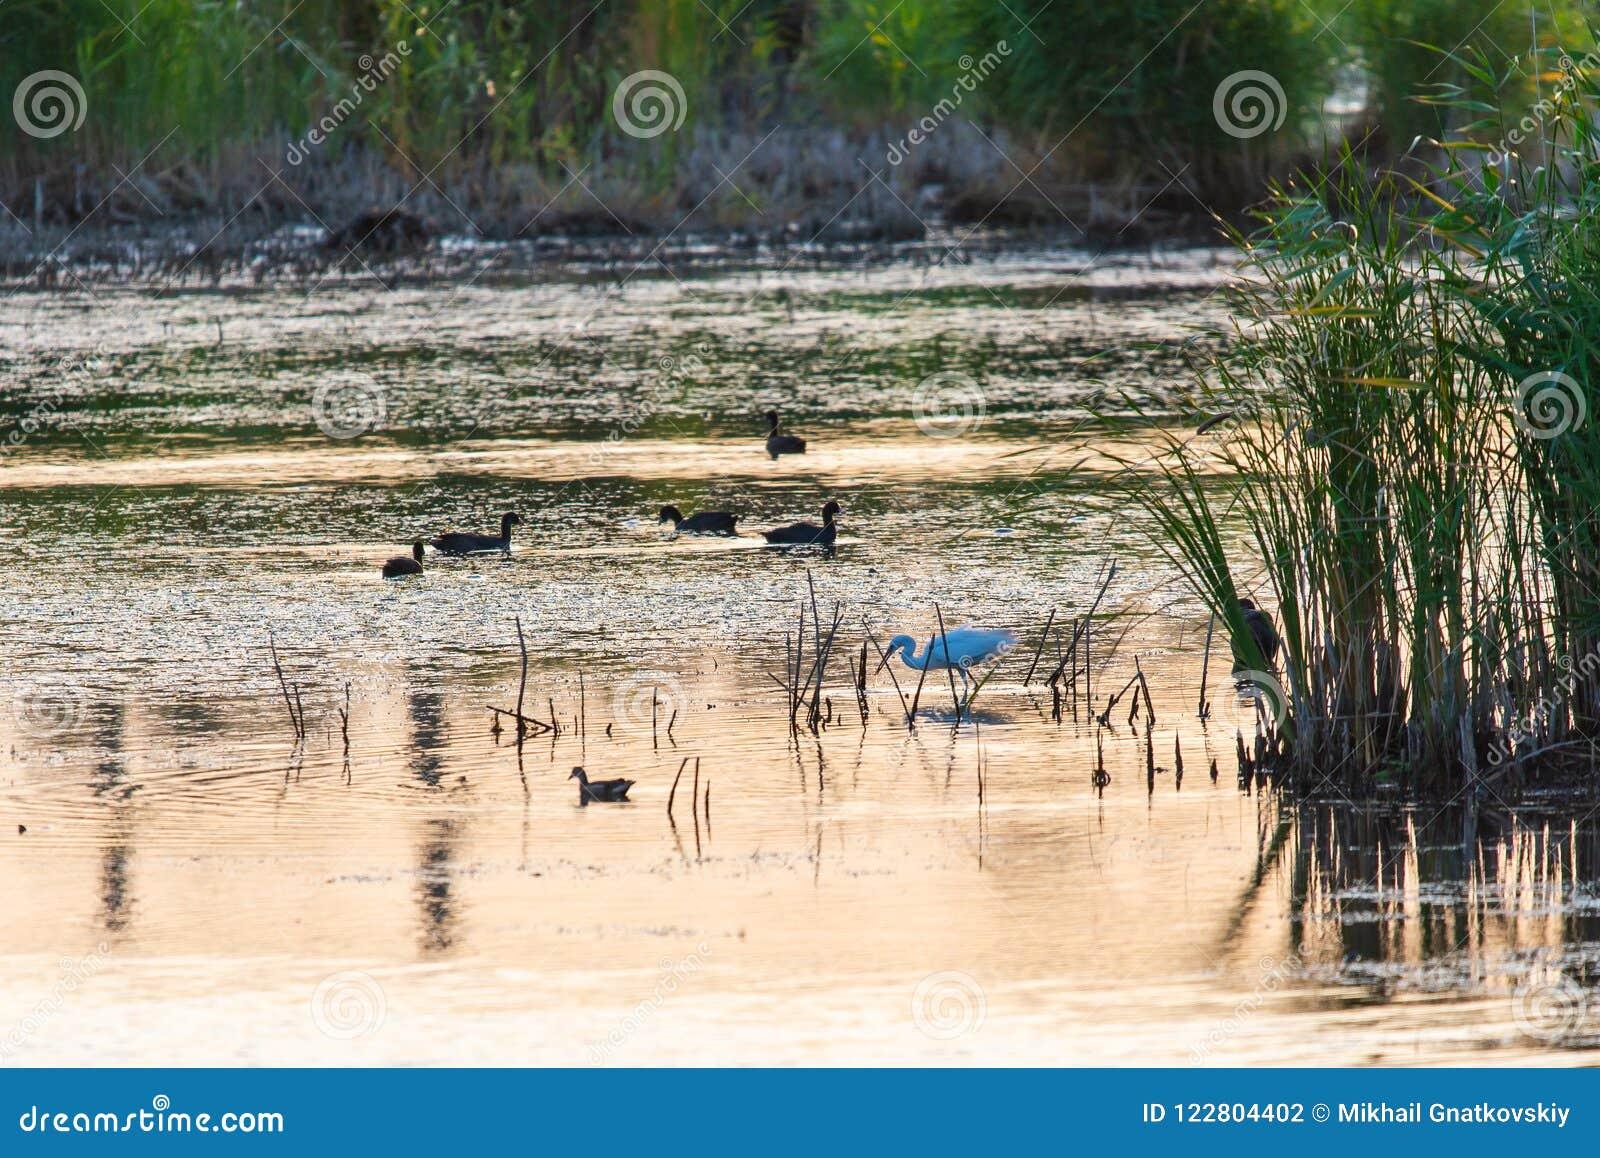 Różni ptaki przy wschód słońca na jeziorze mgły domu krajobrazu ranek sylwetki drzewa Ważny przystanek dla ptaków Migruje między